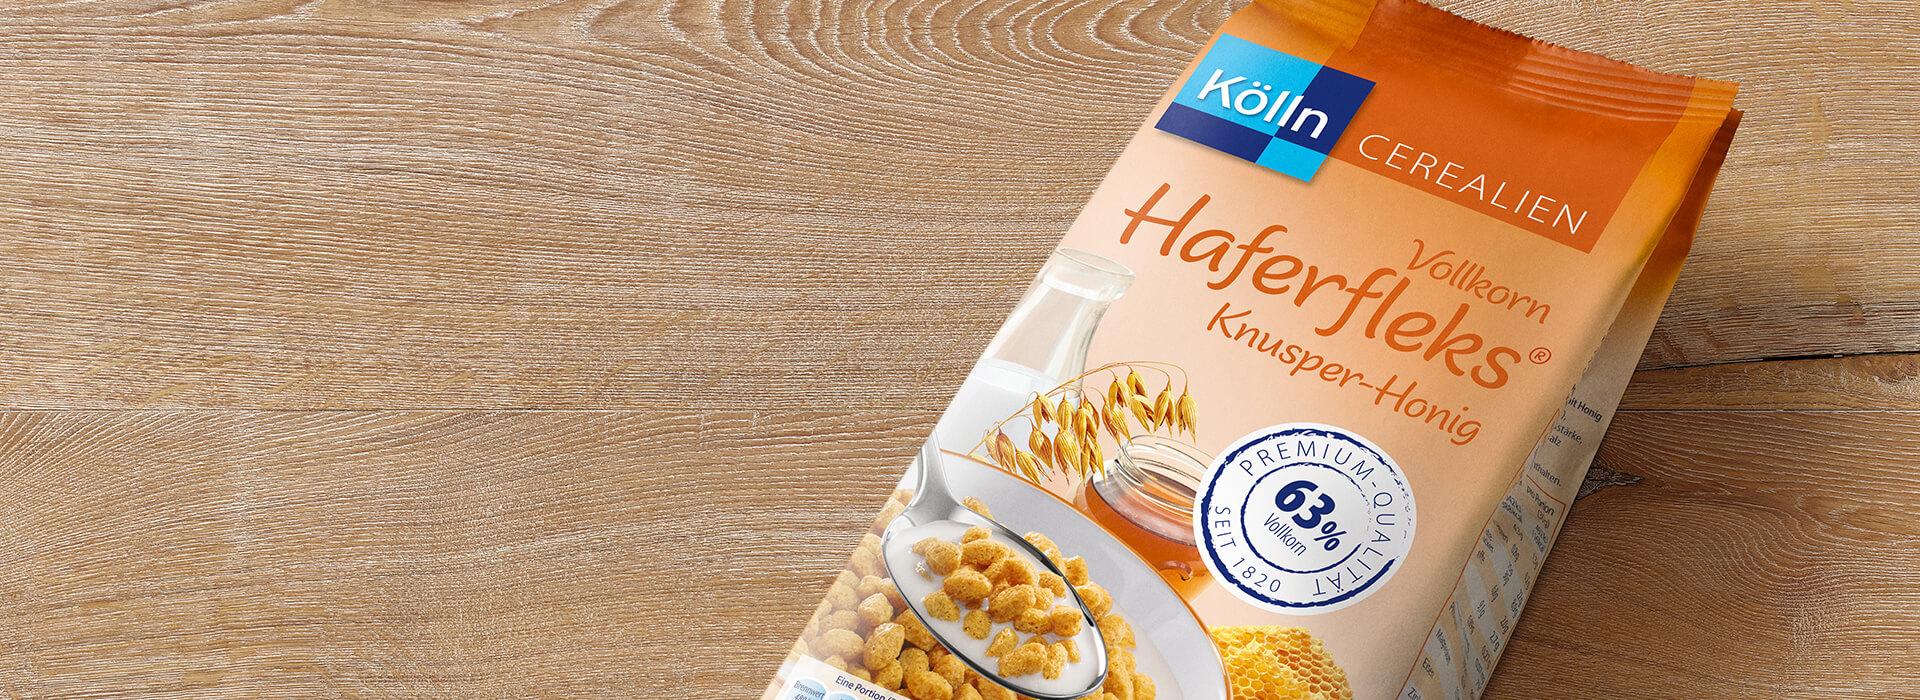 Honig Haferfleks®